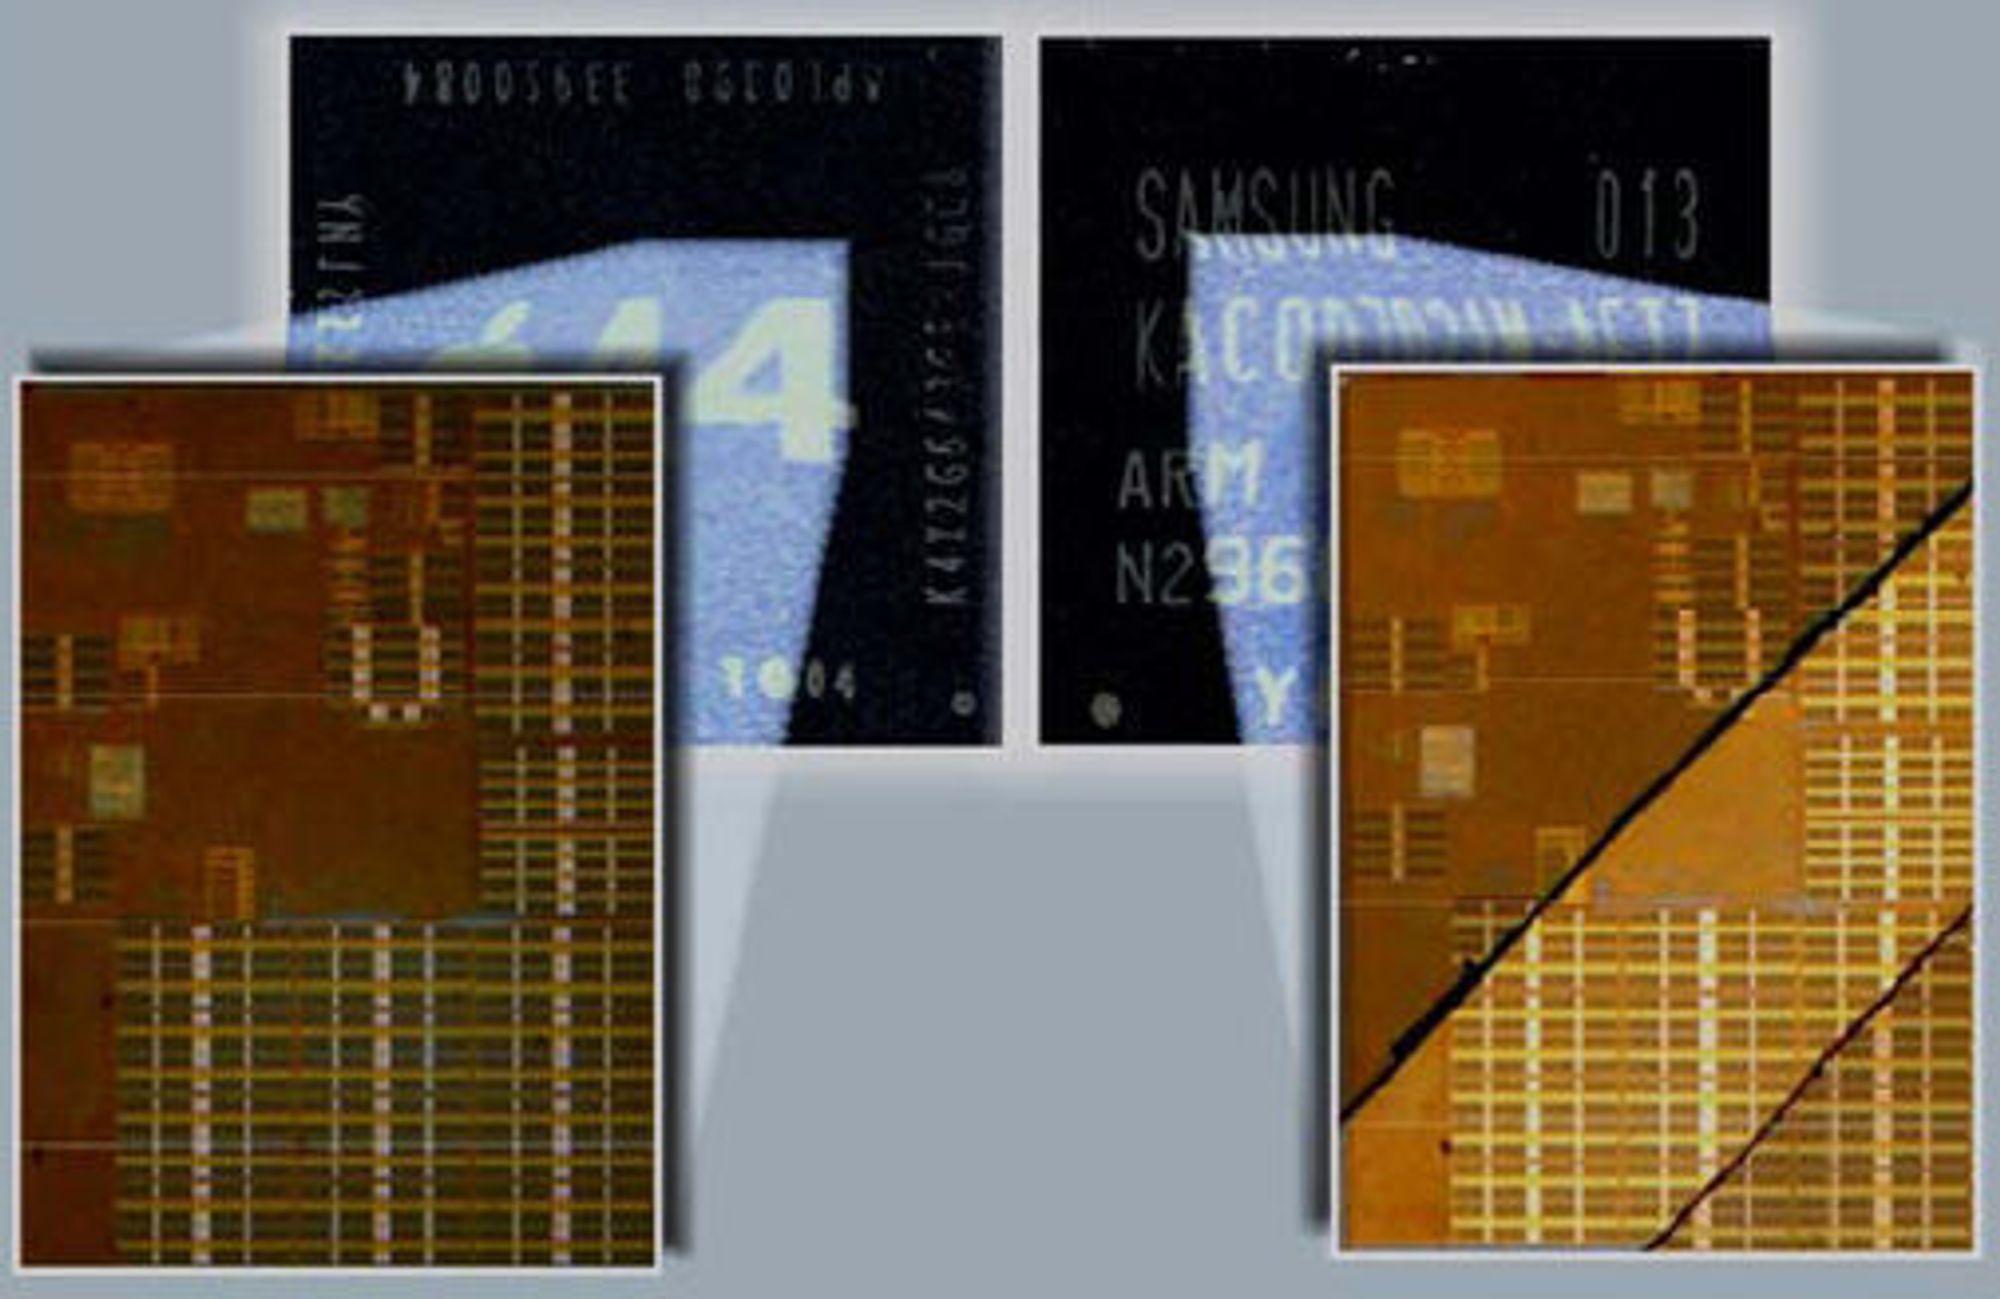 Apples A4-prosessor til venstre, Samsungs S5PC110A01-prosessor til høyre.